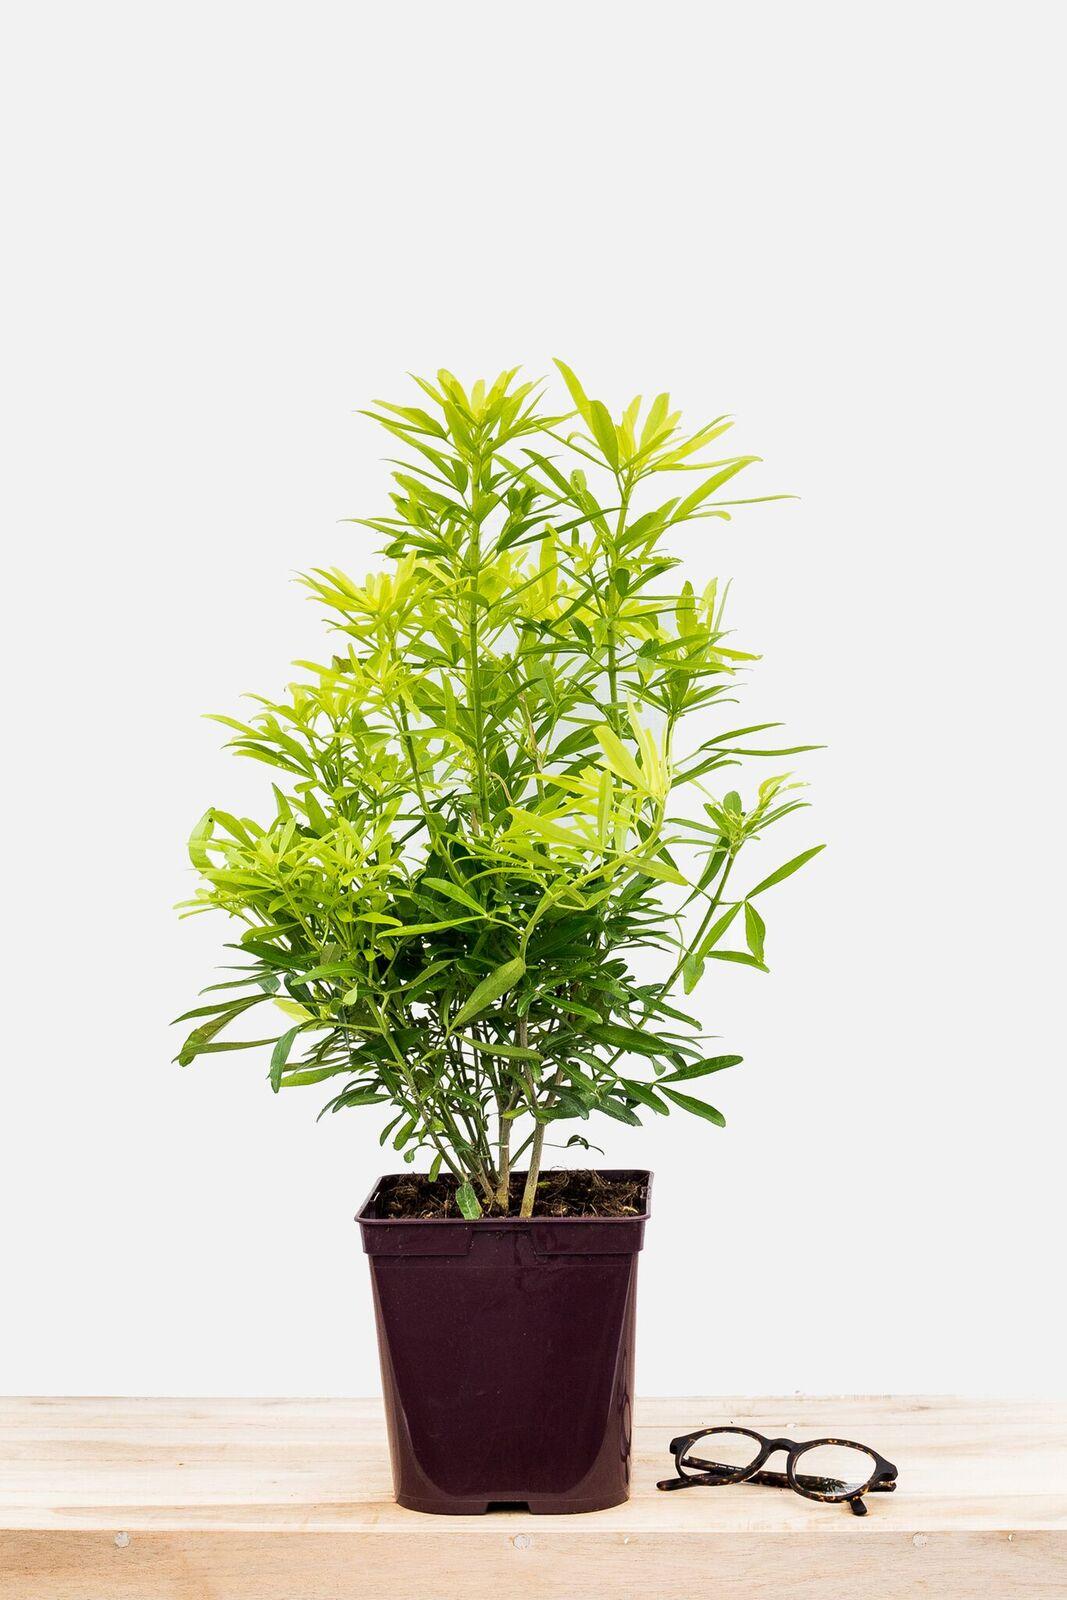 Arbuste Persistant Pour Pot les choisyas - orangers du mexique - in my french garden